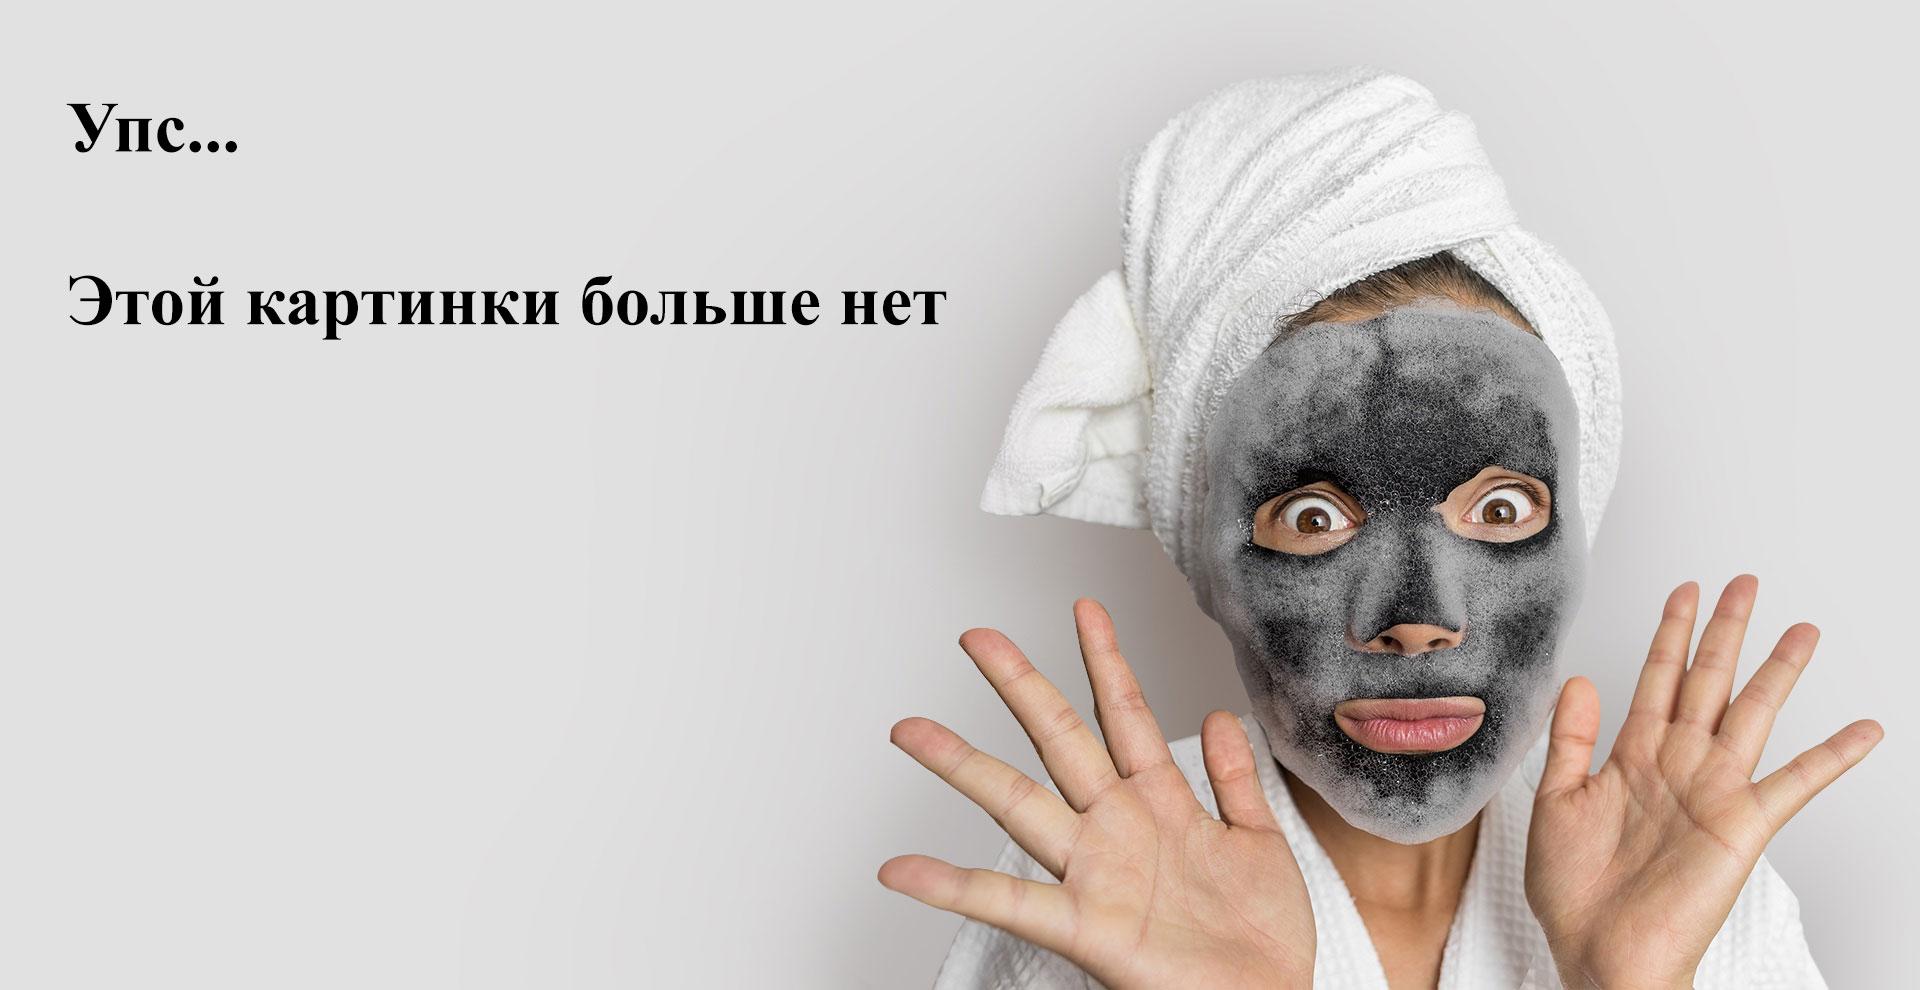 IRISK, Кисть для жирных и кремовых текстур Make-up, овальная